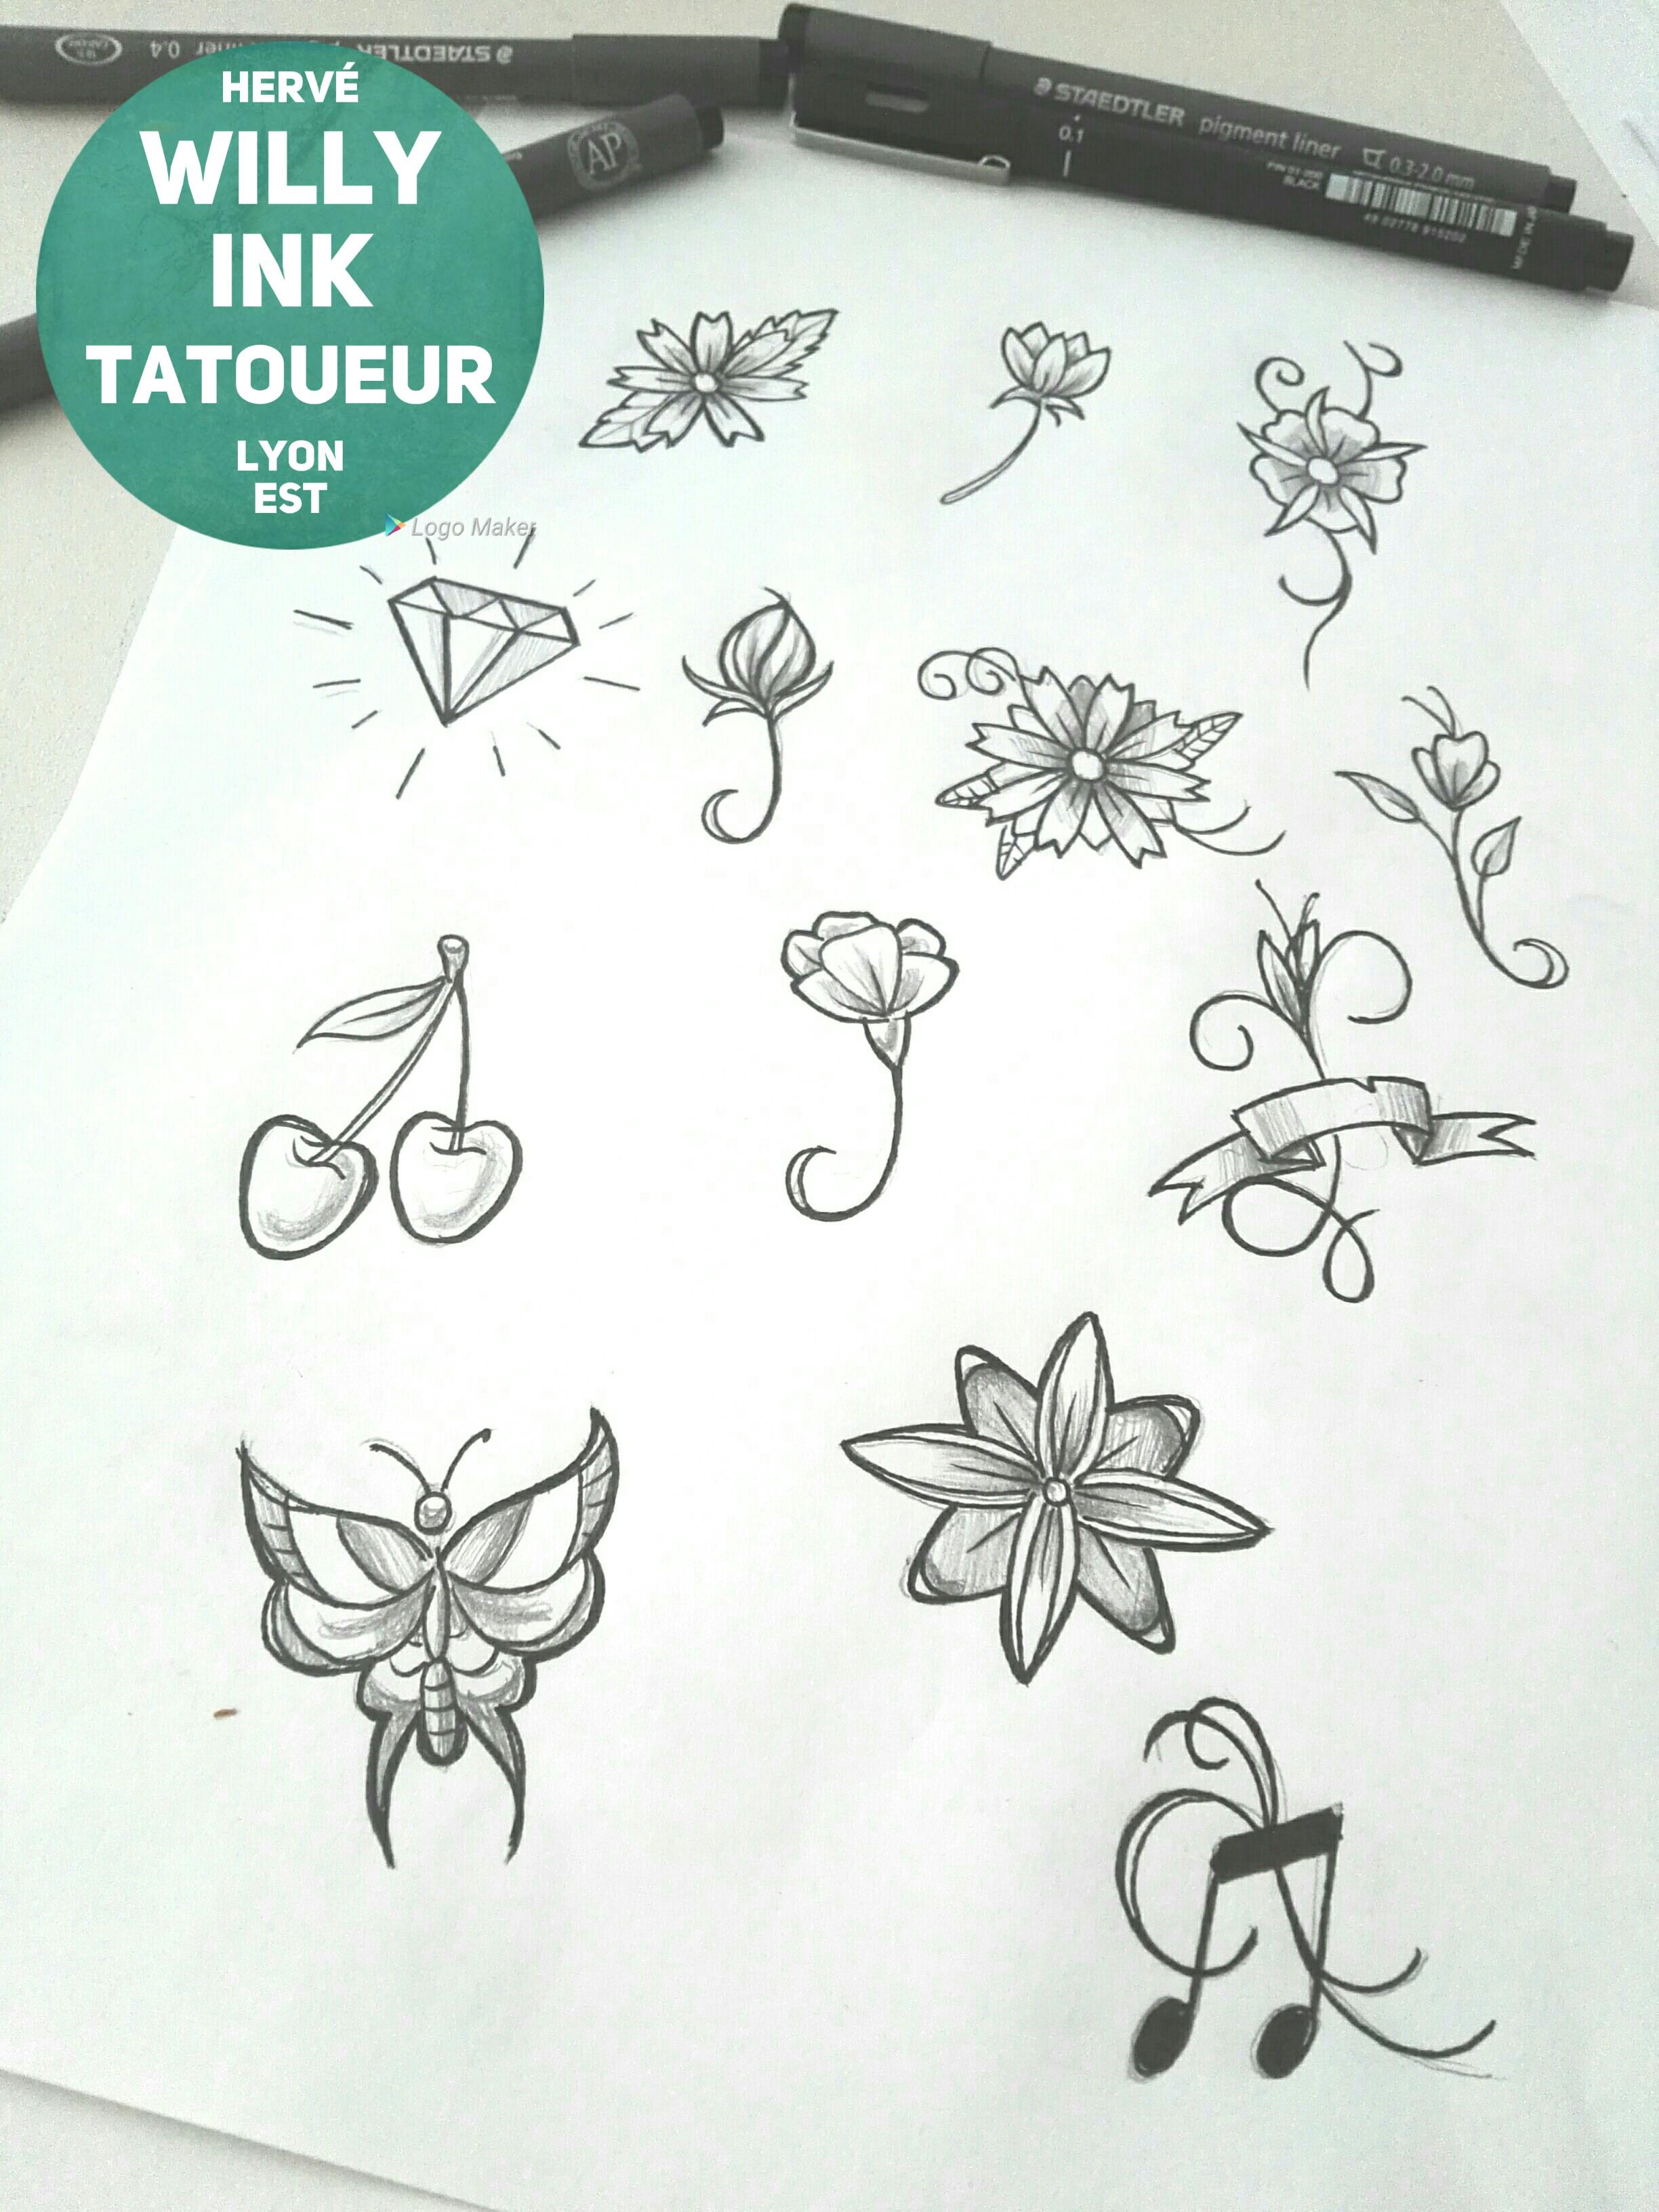 Quel Est Le Tarif Pour Le Petit Tatouage A Lyon Willy Ink Tatoueur A Lyon Est